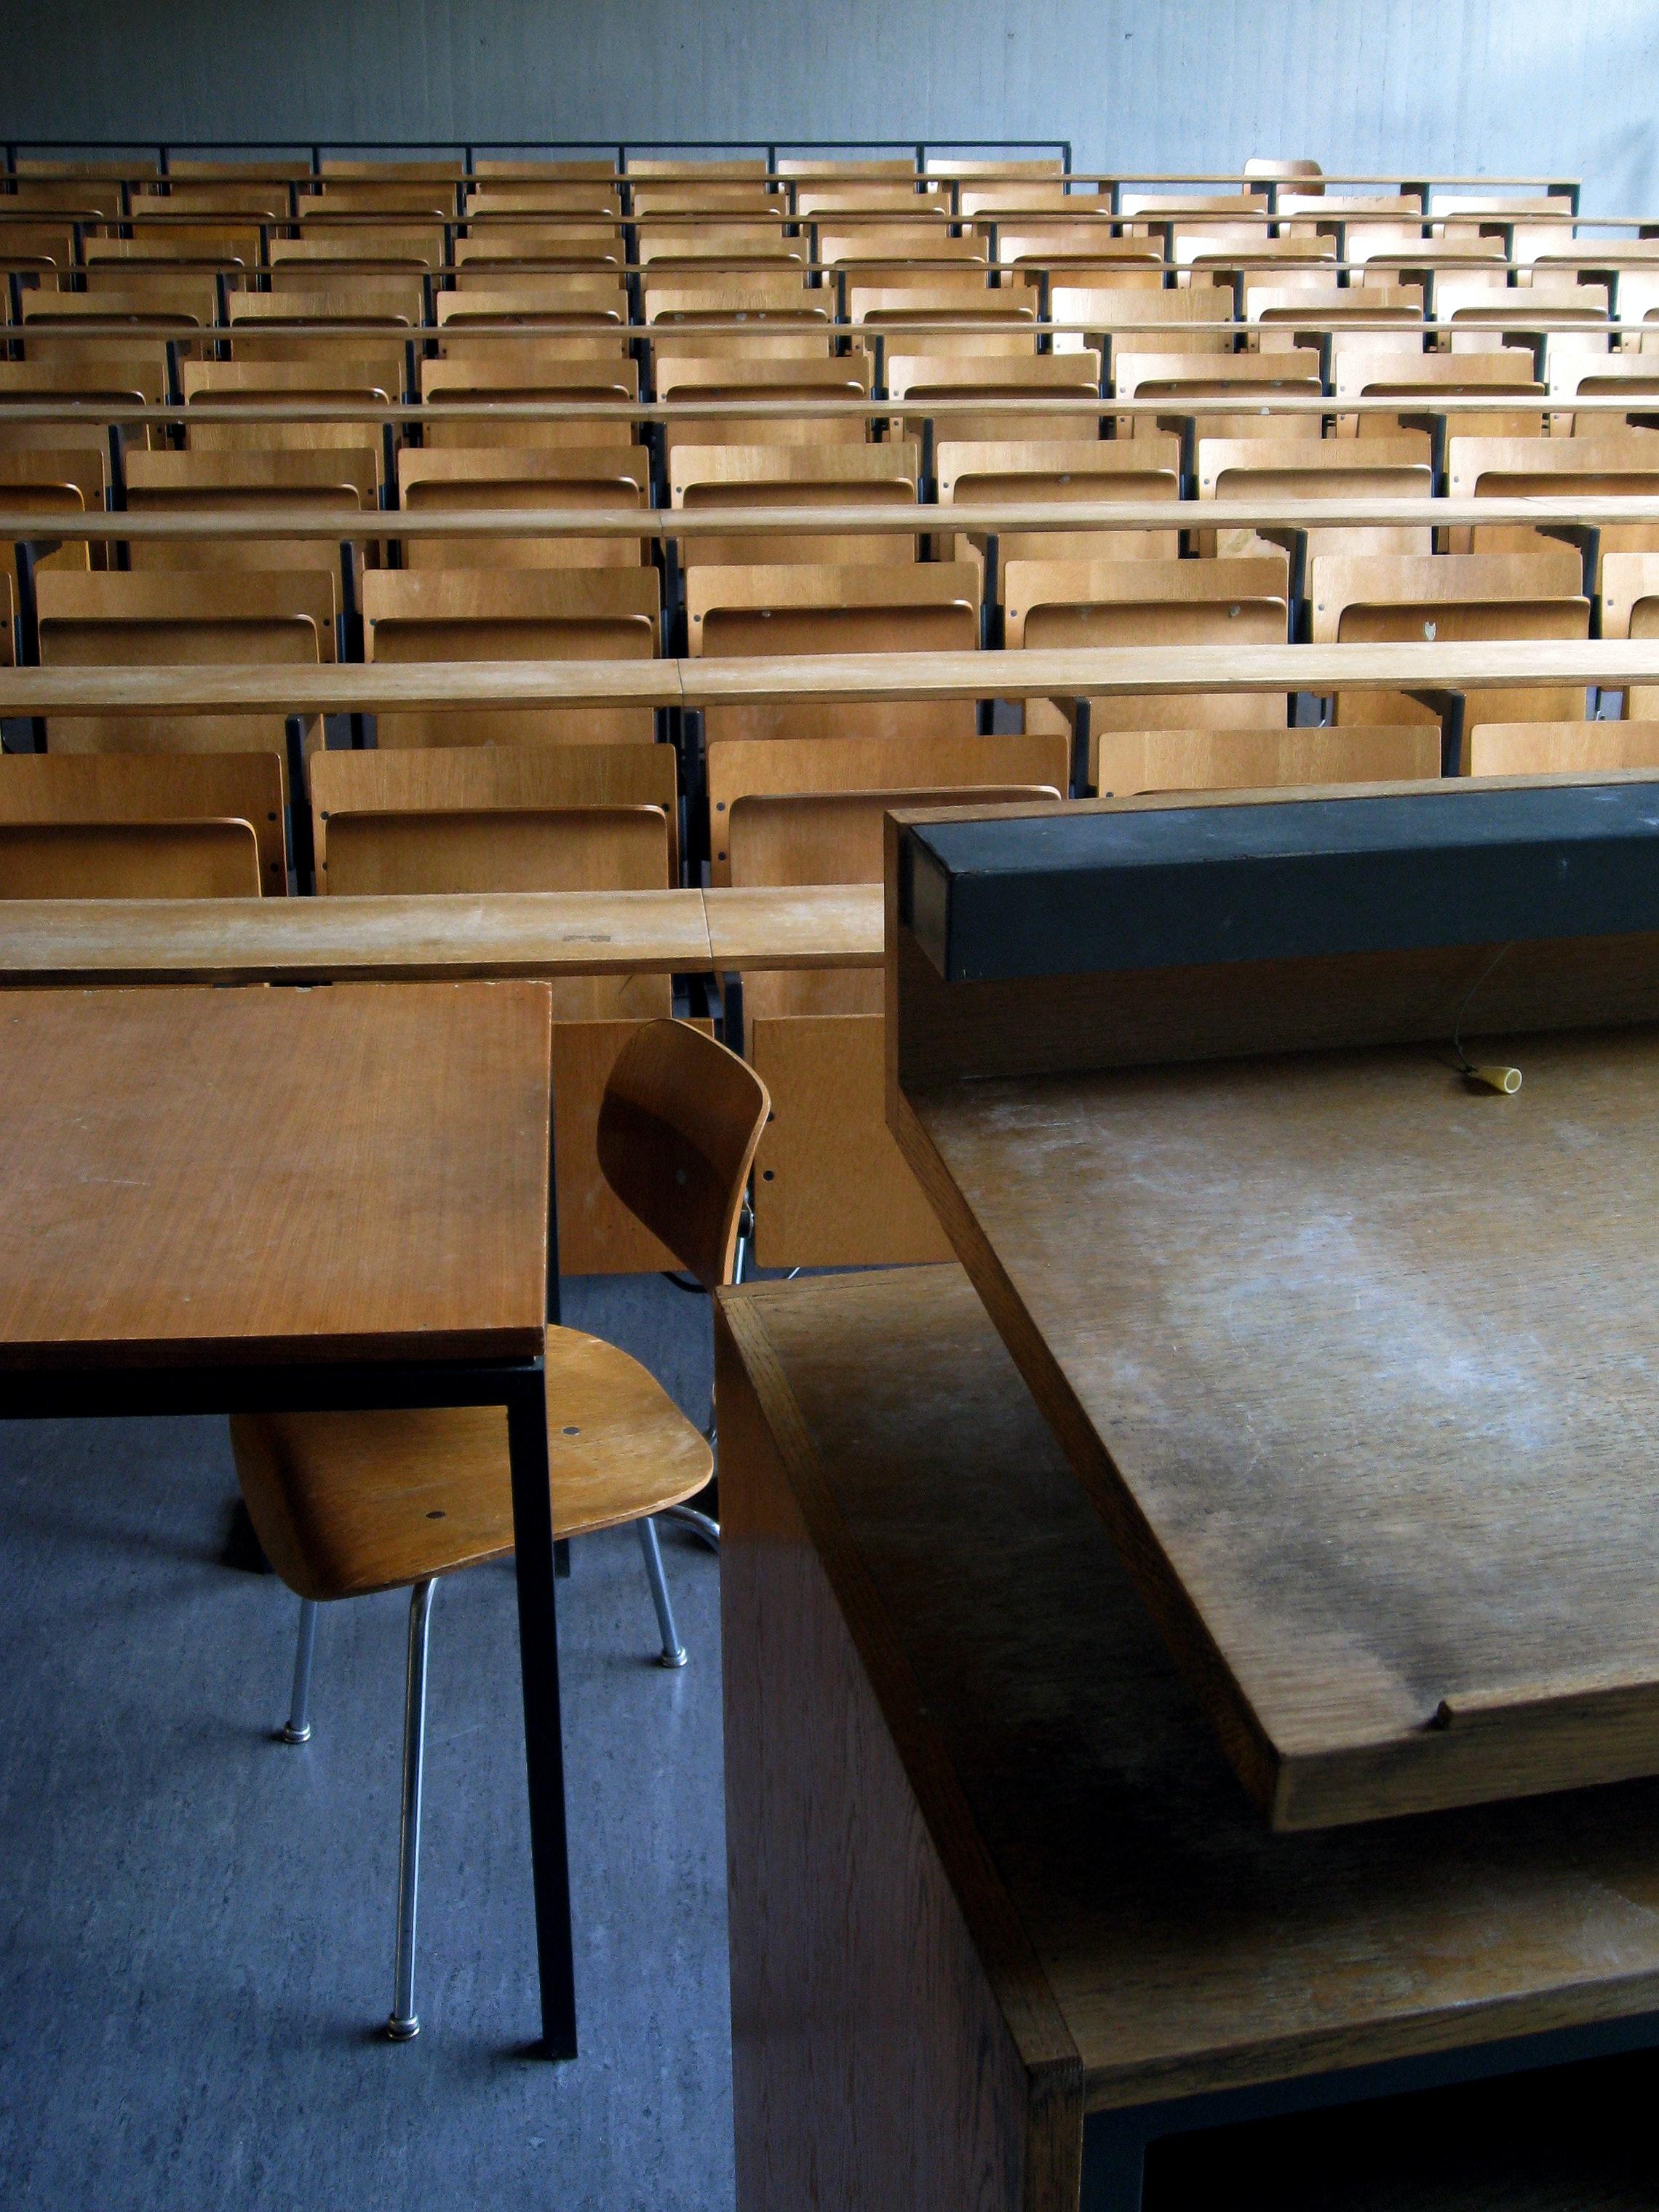 Lecture hall metaphor professorship Austria